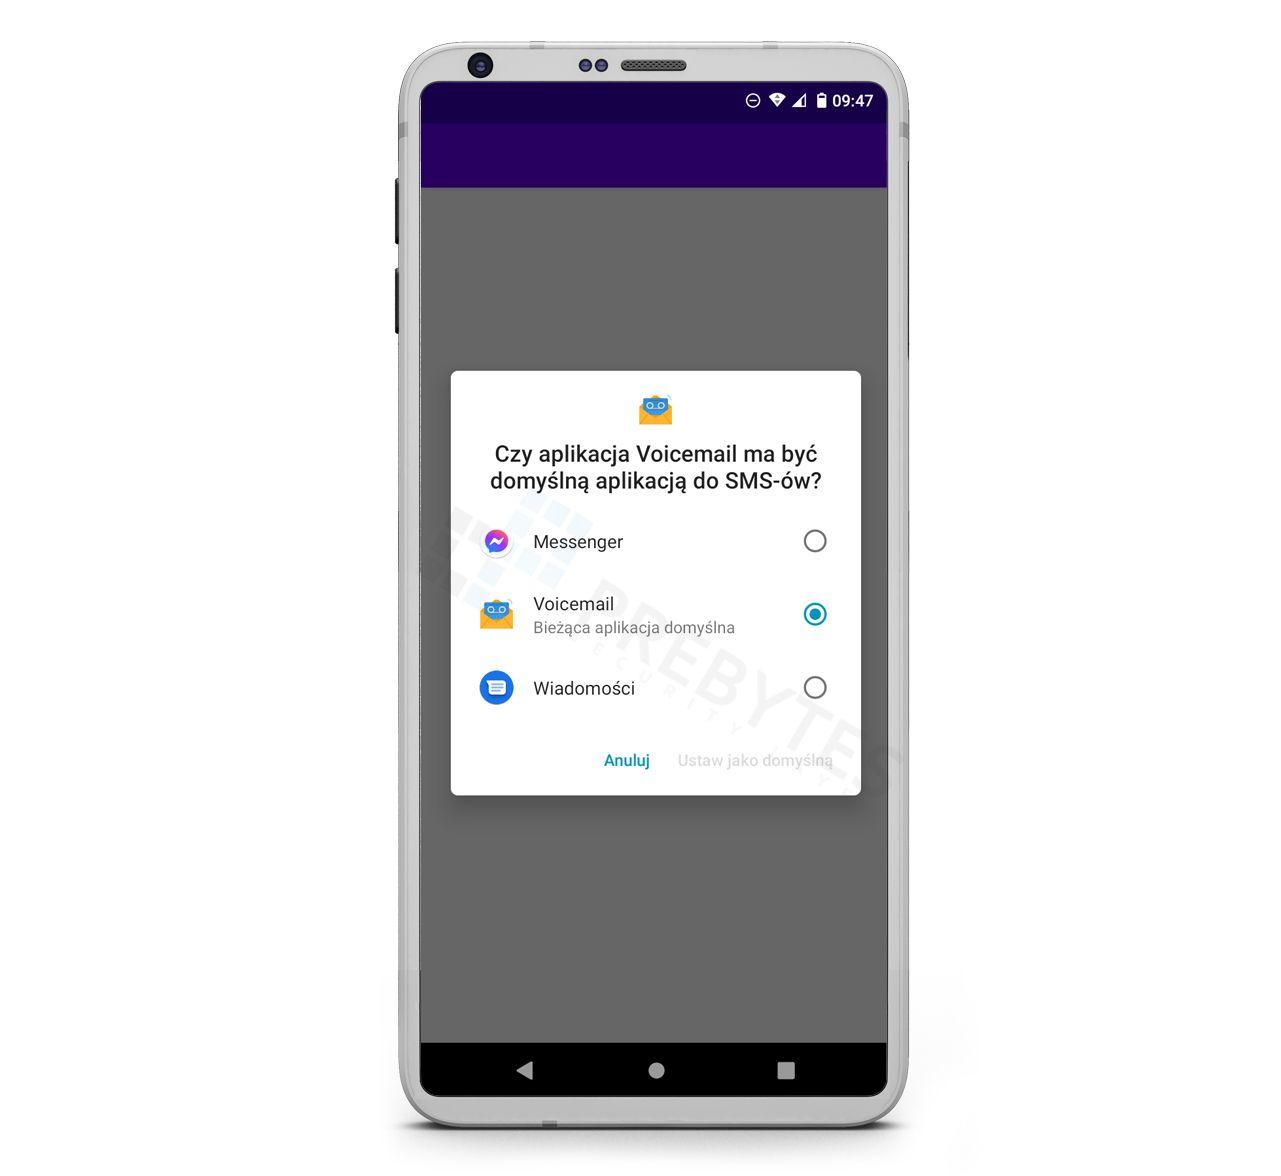 FluBot_aplikacja_SMS